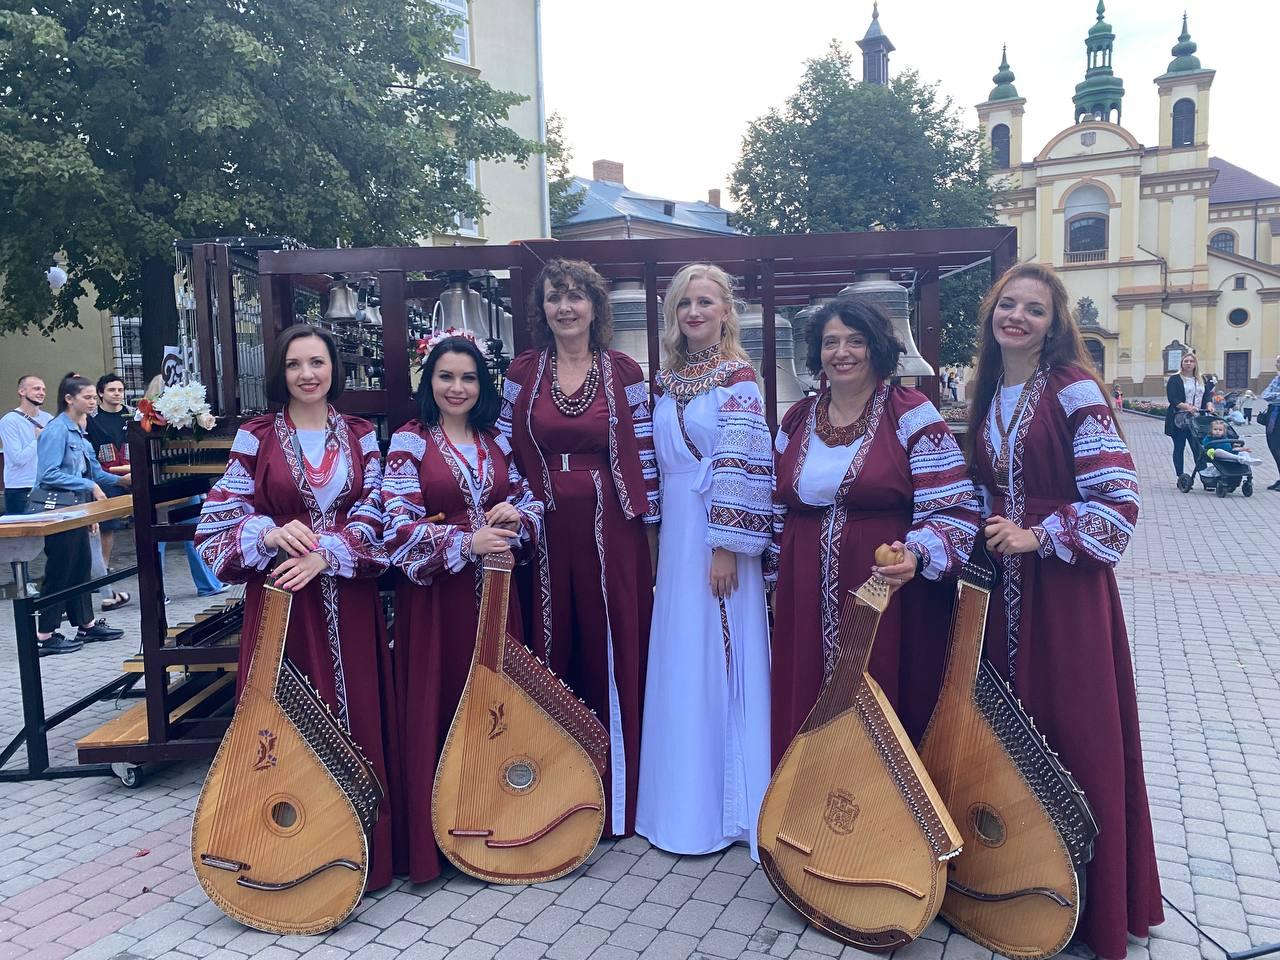 """Десять міст, одинадцять концертів: все про реалізацію проєкту """"Український передзвін. Карильйон і бандура"""". Фото/відео"""